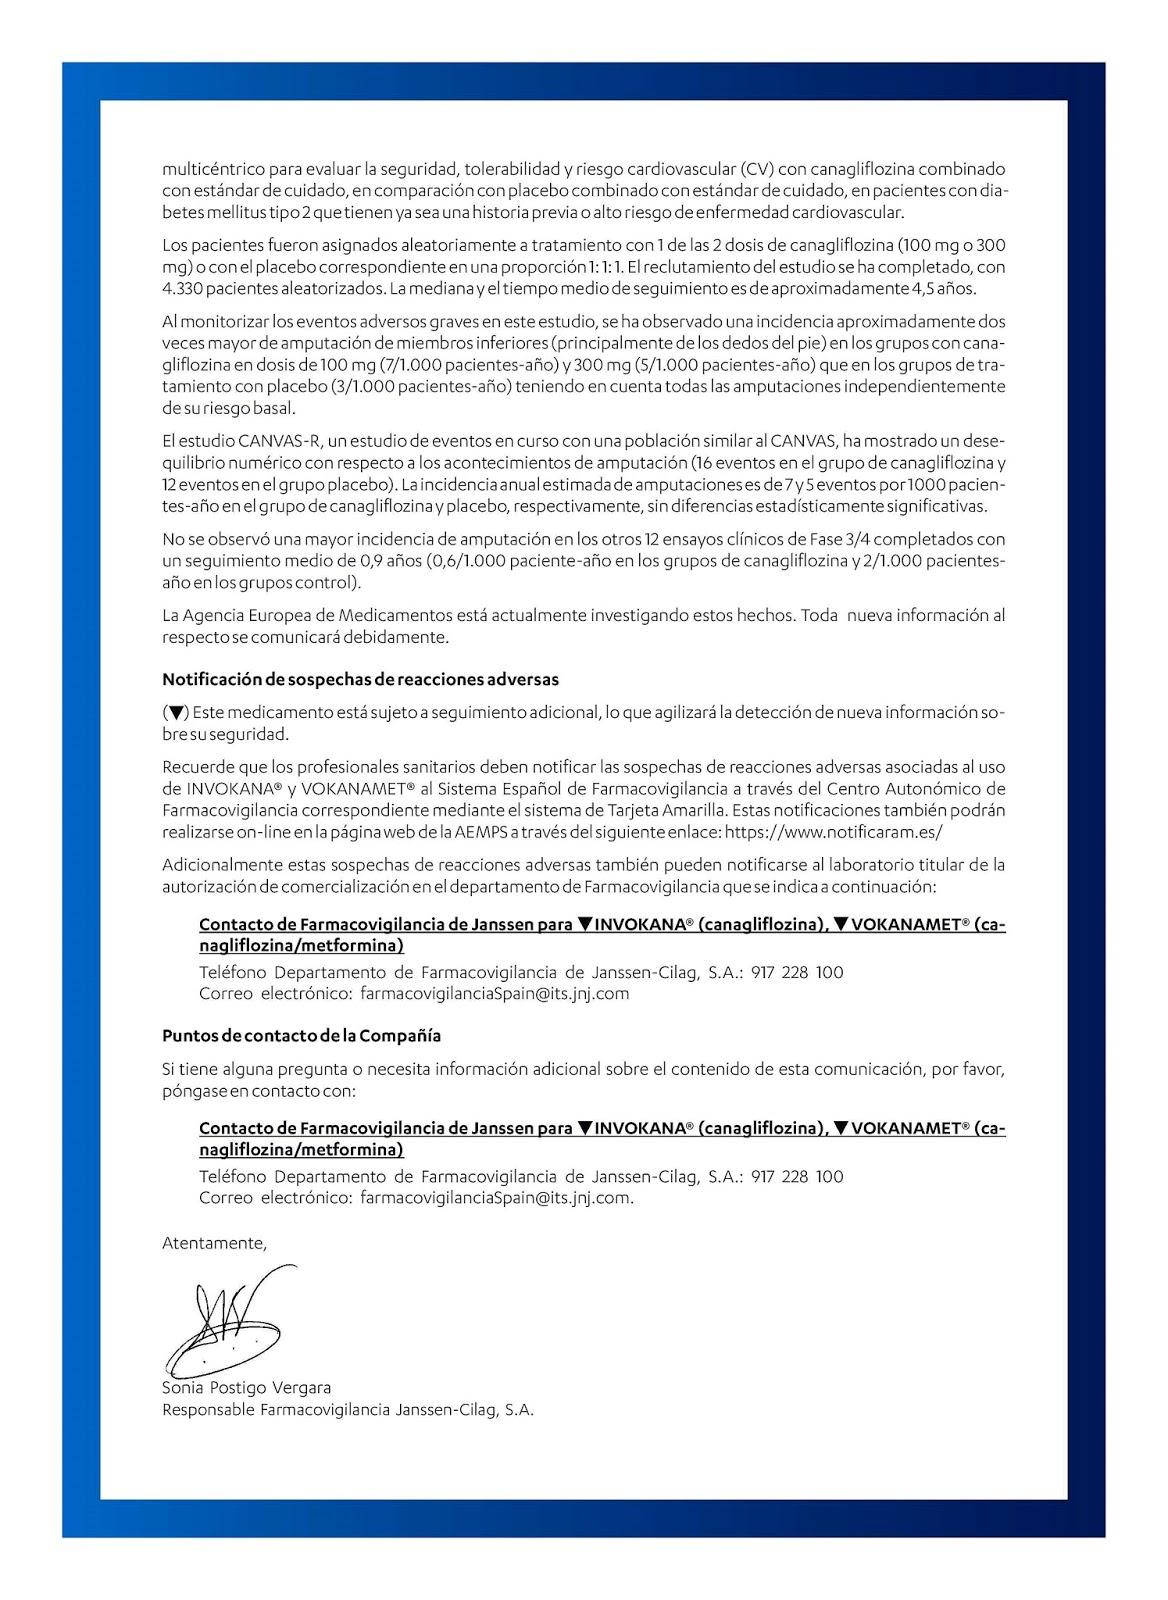 EMS SOLUTIONS INTERNATIONAL marca registrada: Medicamentos